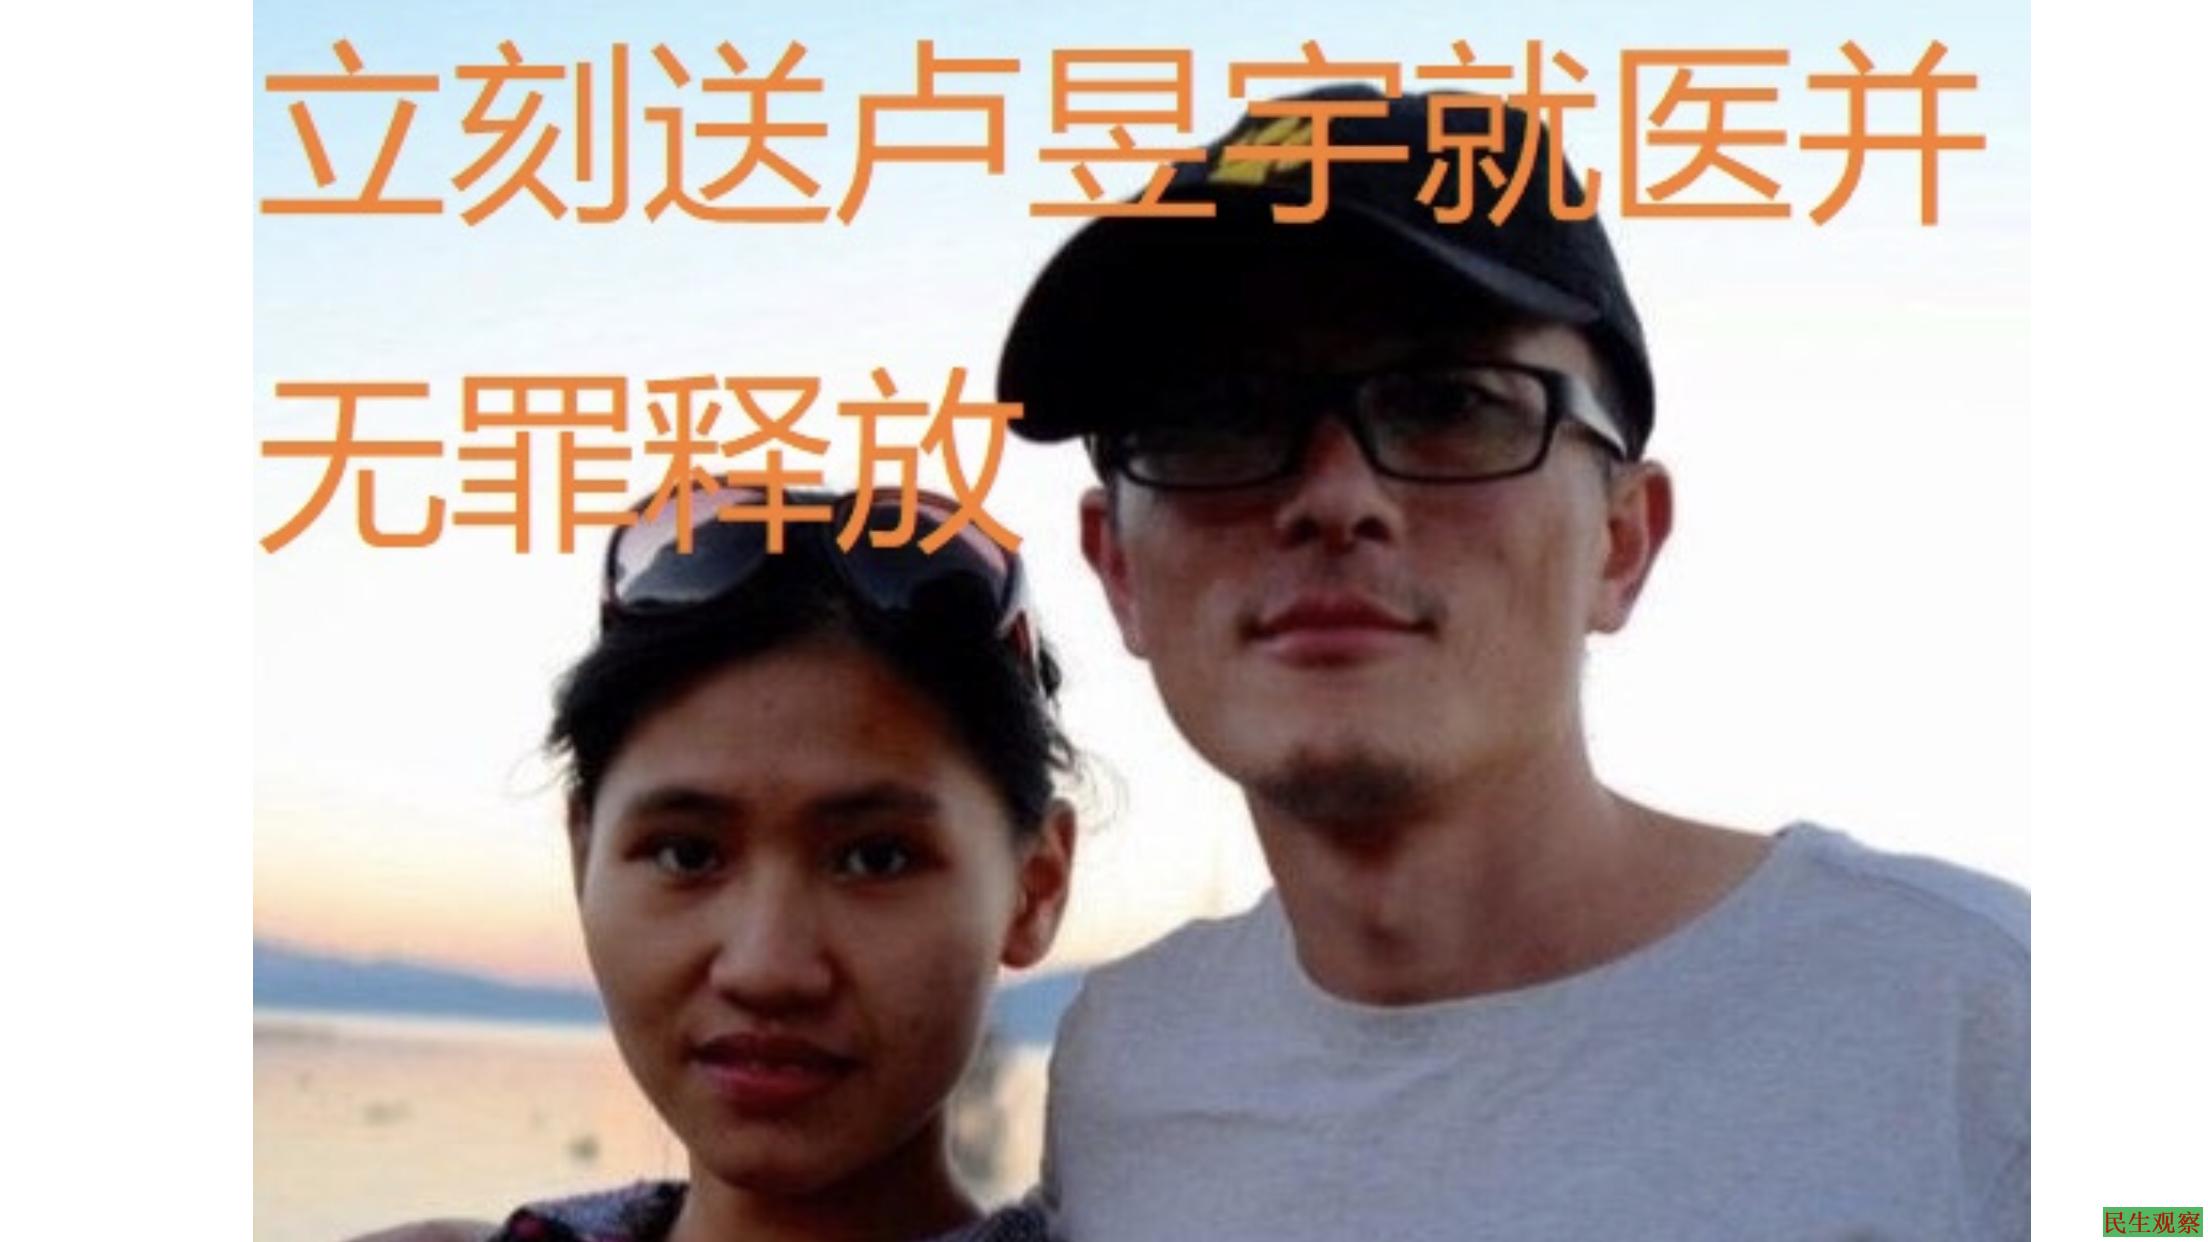 强烈要求立刻送卢昱宇就医并无罪释放